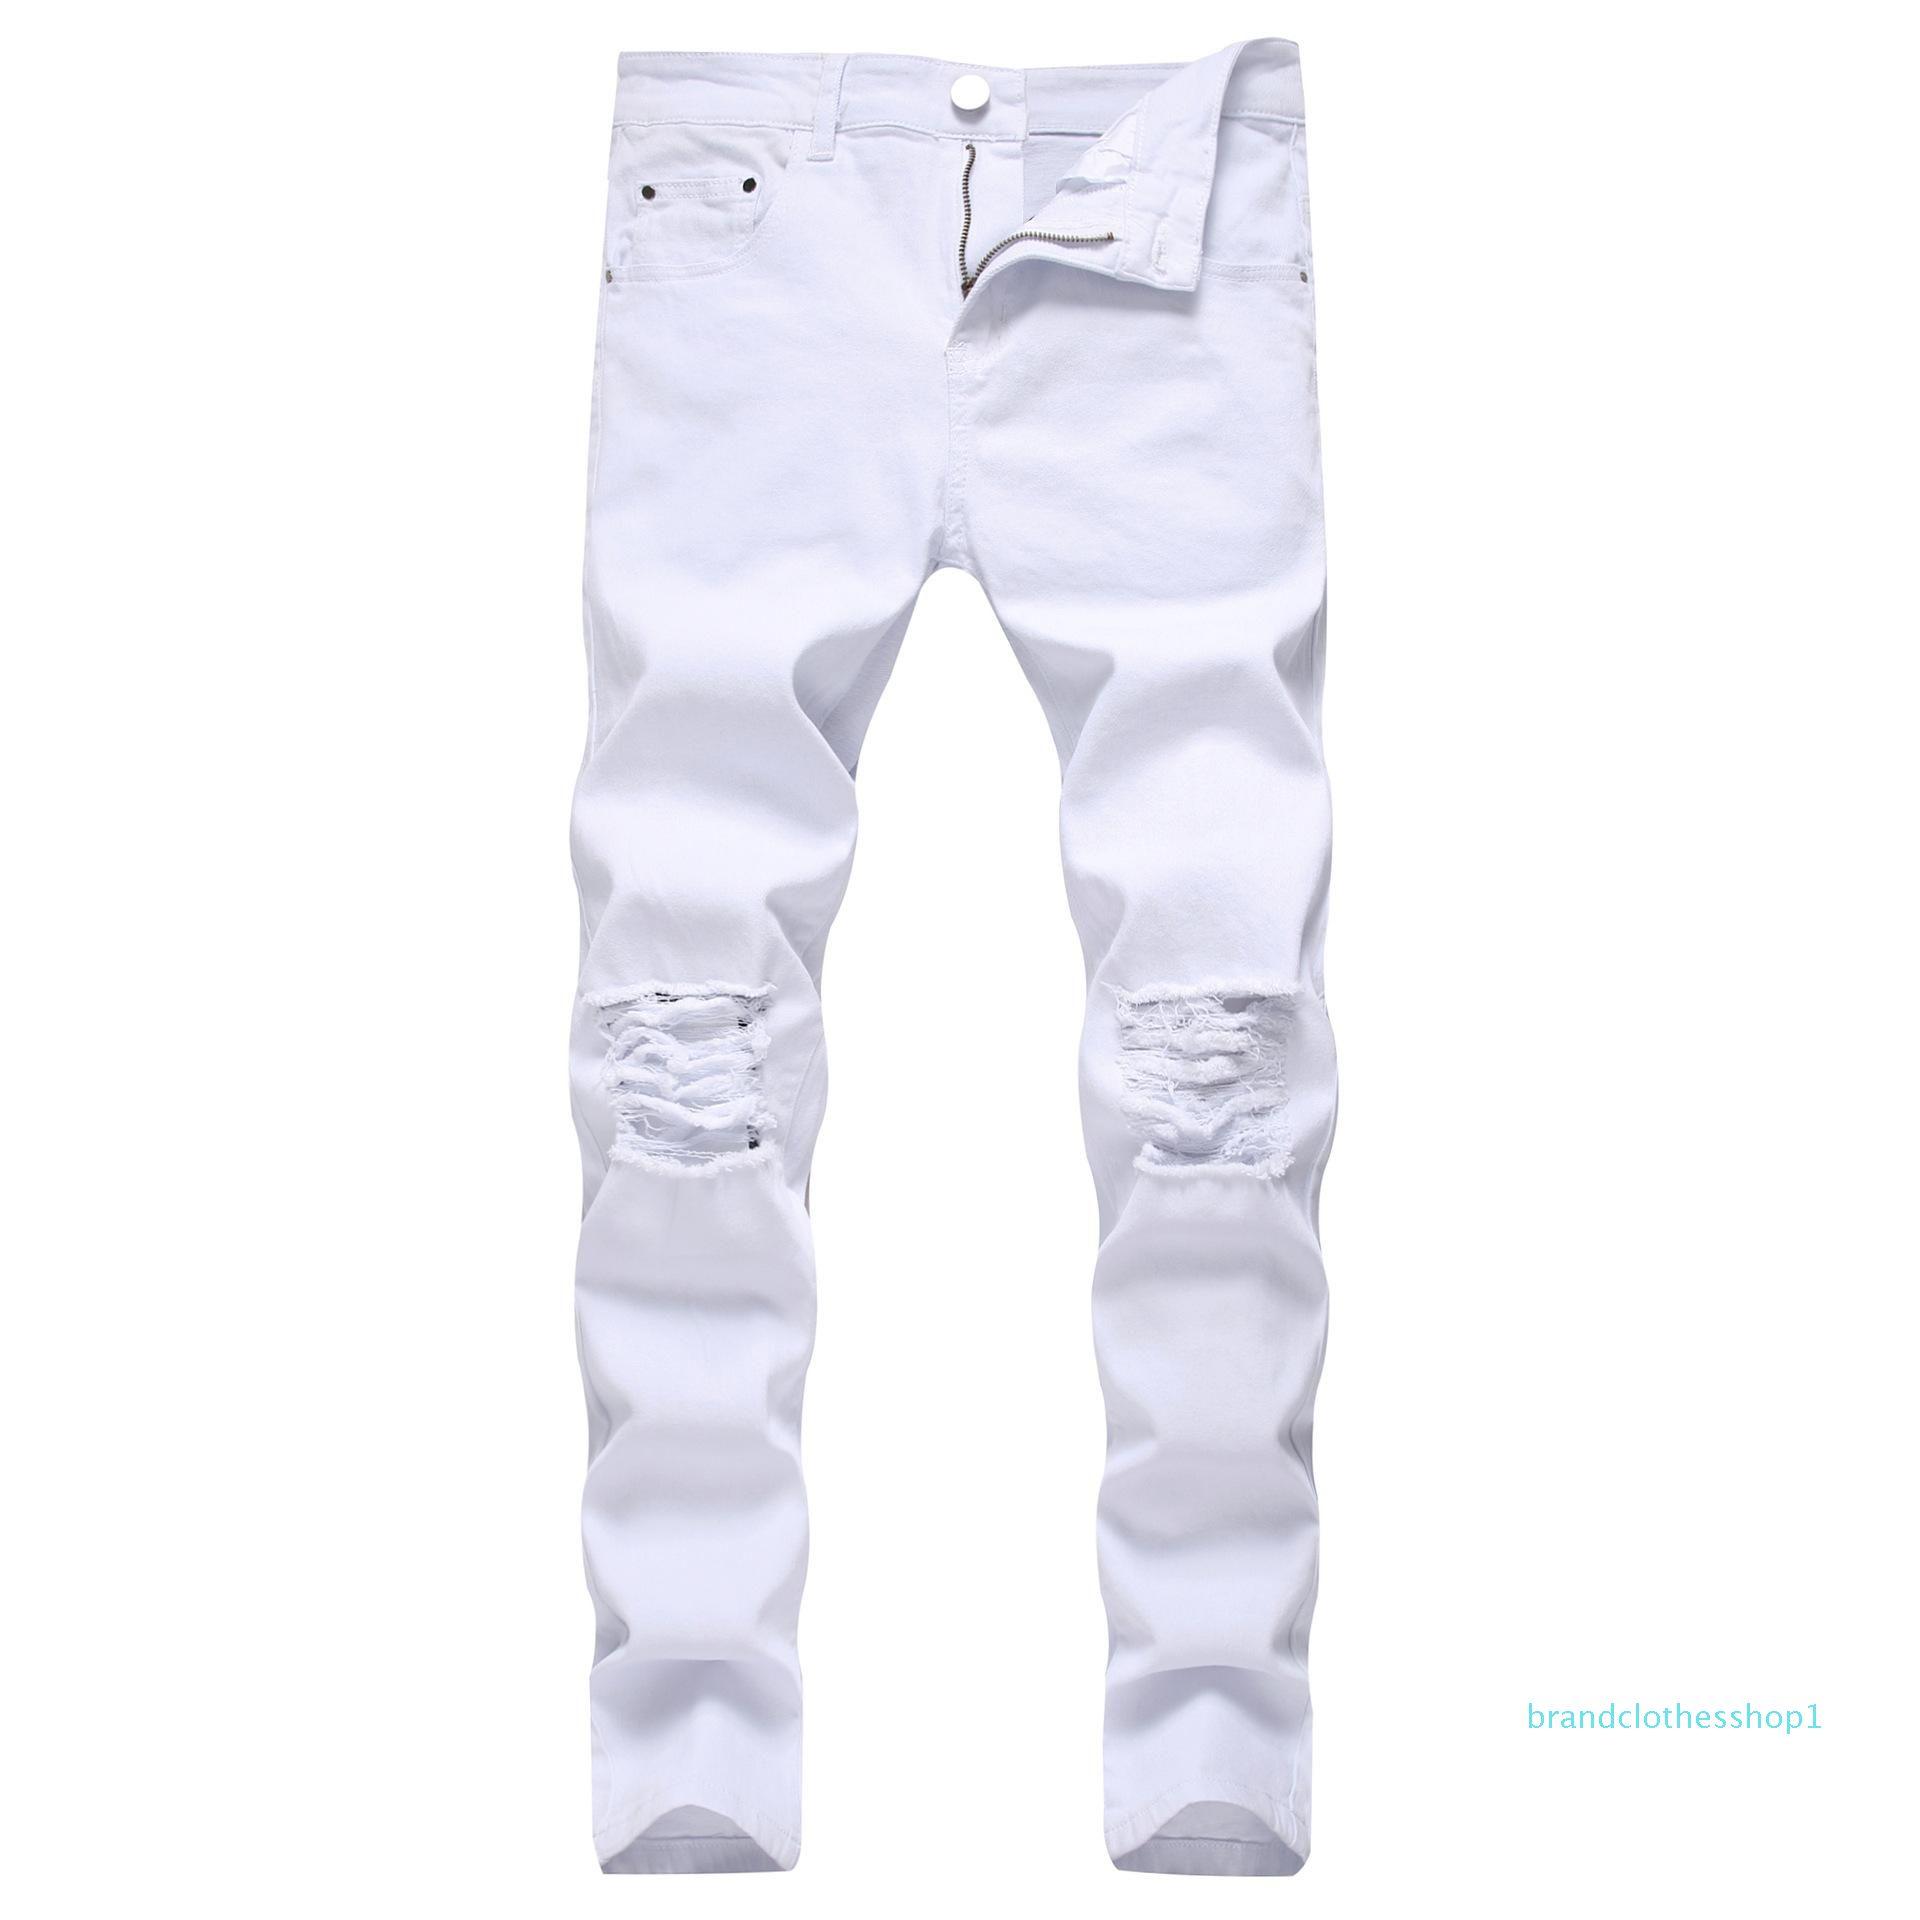 Homens de Moda Jeans 2020 Nova Primavera / Verão New Fashion Streetwear Hip Hopbrand Pure Pants Magro elásticas Jeans Skinny 2 Colores S-4XL